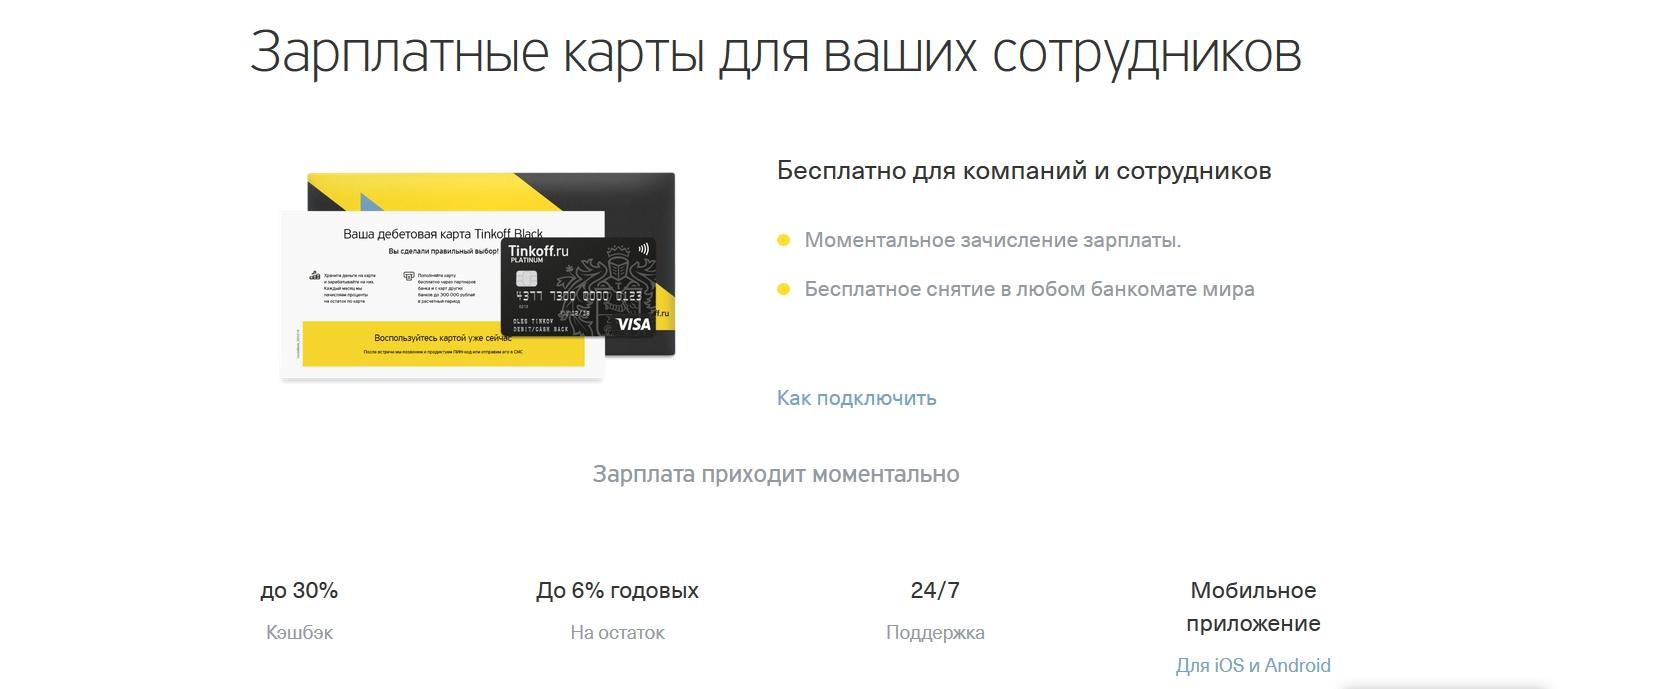 зарплатные карты тинькофф